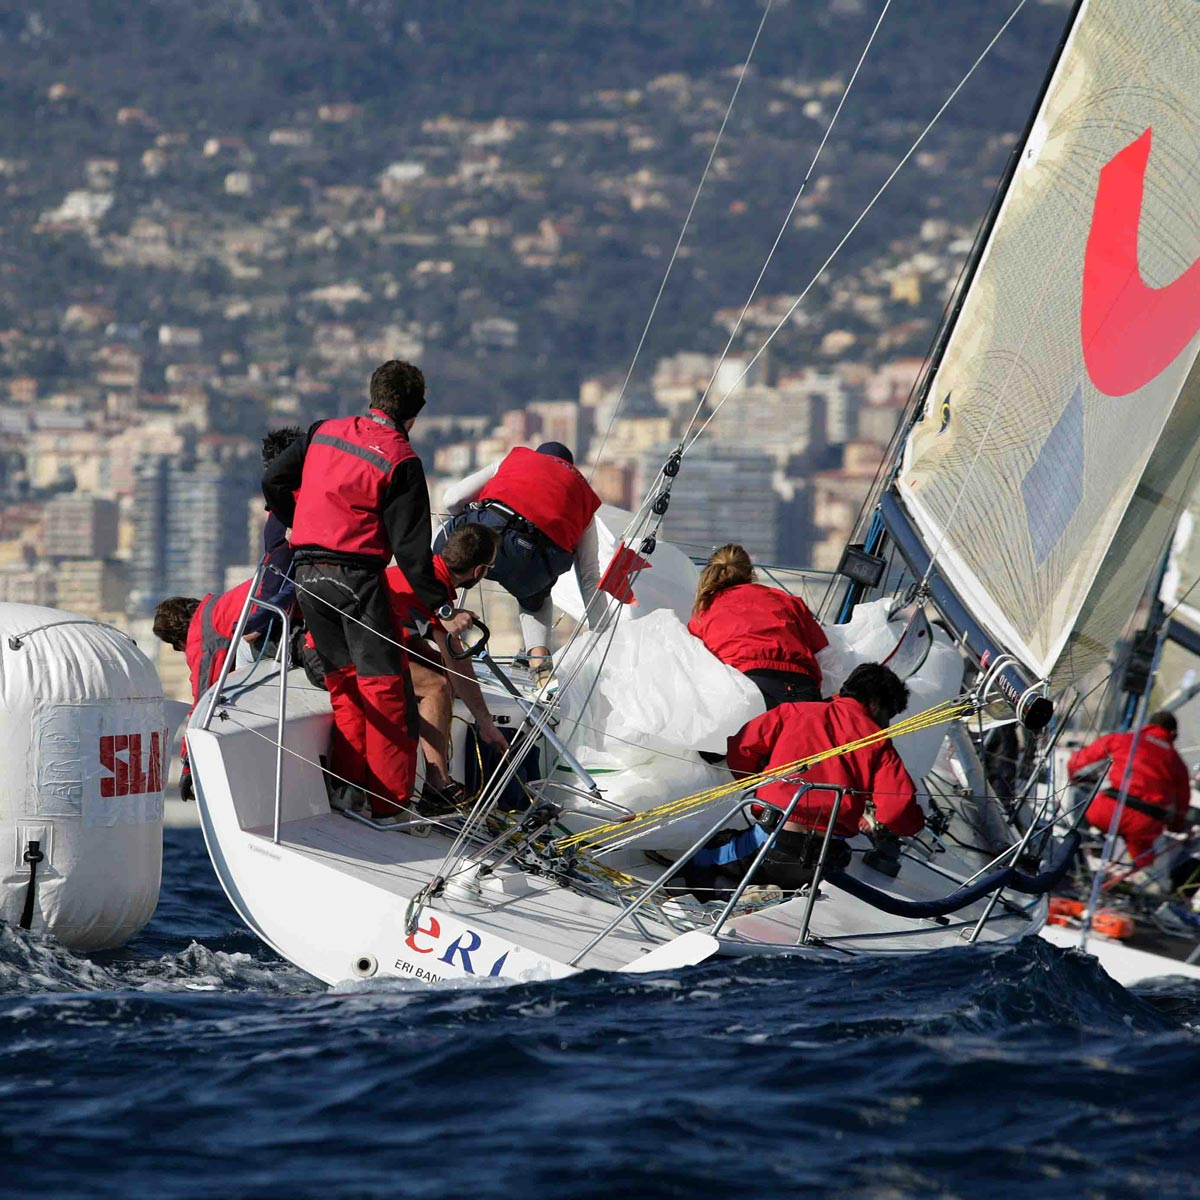 La Cote des Montres : Photo - Hublot XXVe Primo Cup - Trophée Crédit Suisse